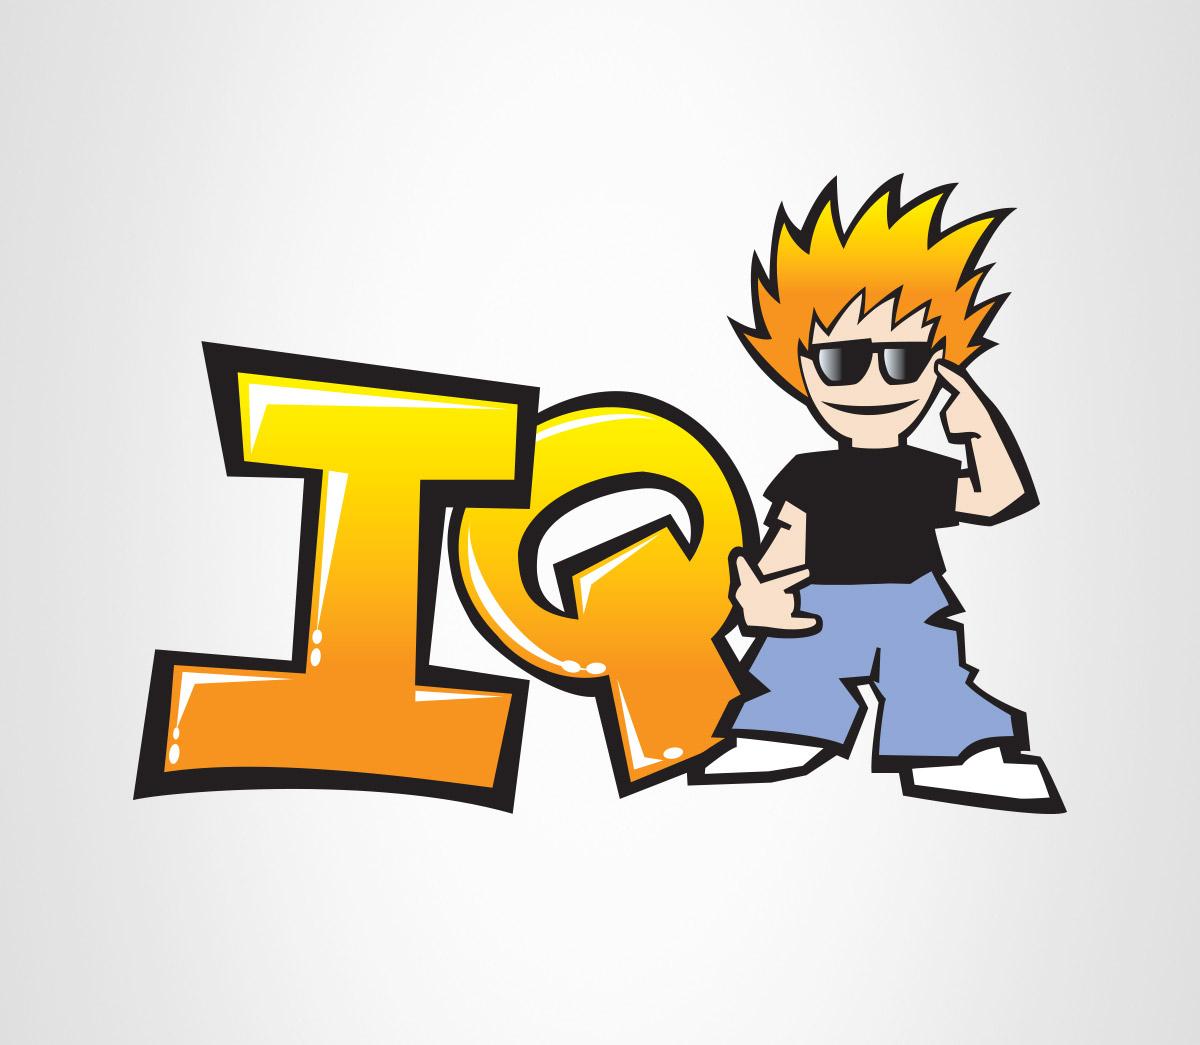 VL-IQ